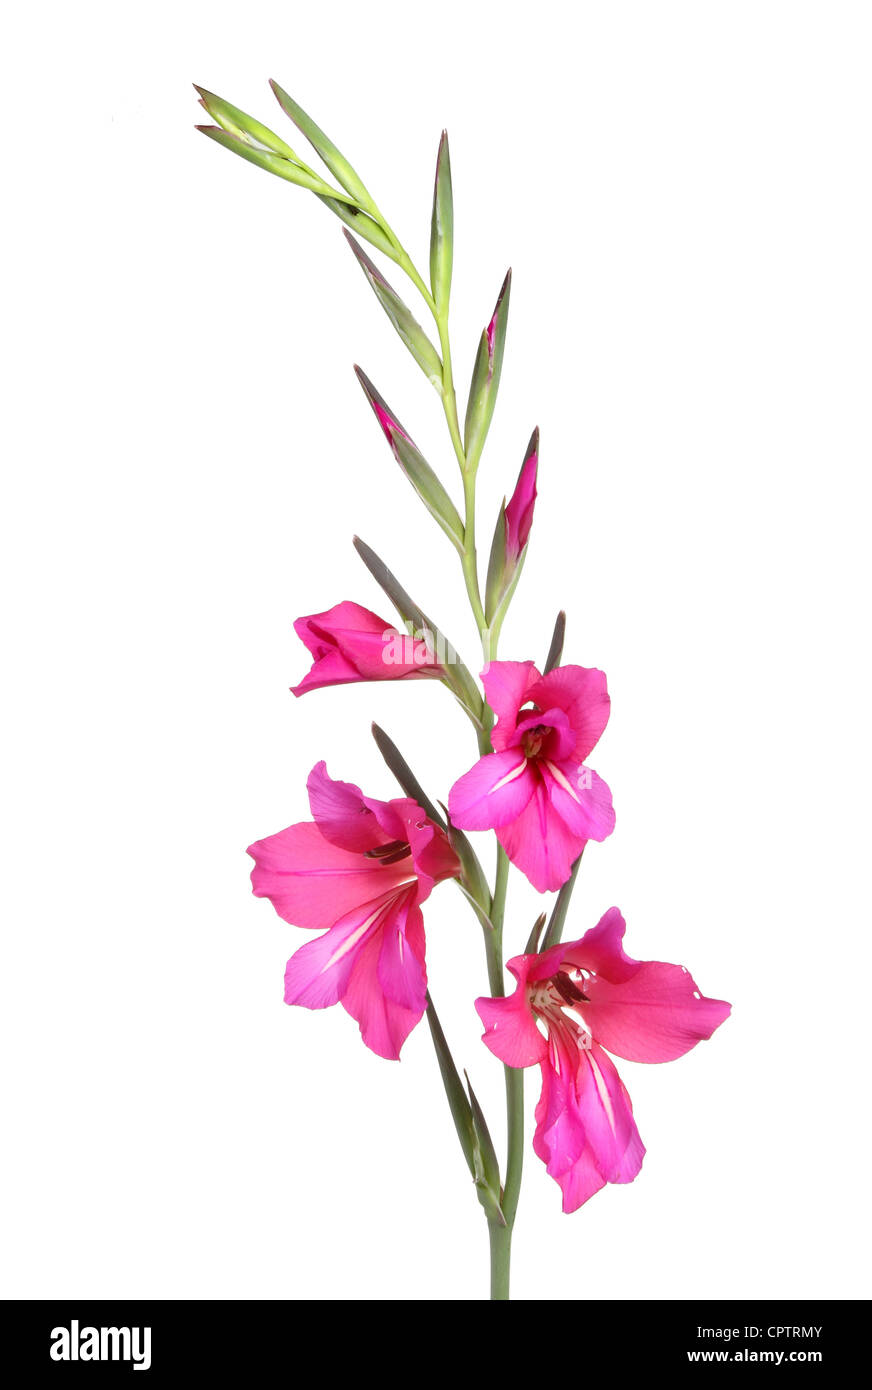 Crimson gladiolus flowers isolated against white - Stock Image